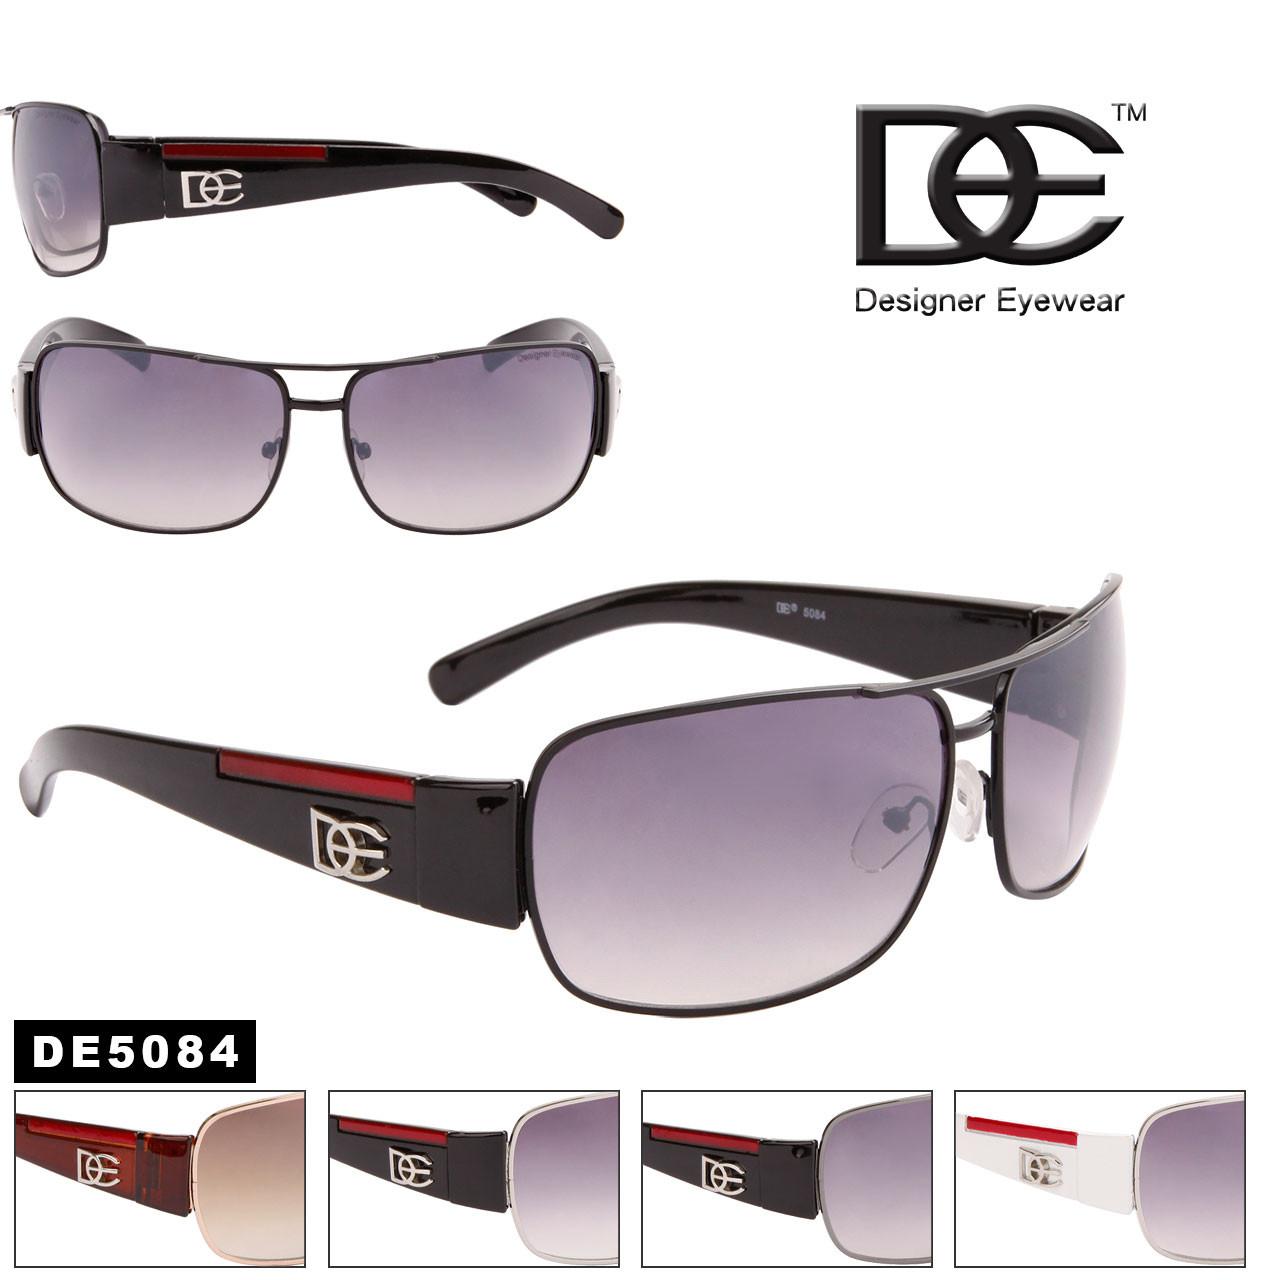 4d6be6ebe92f DE™ Wholesale Designer Sunglasses - Style  DE5084